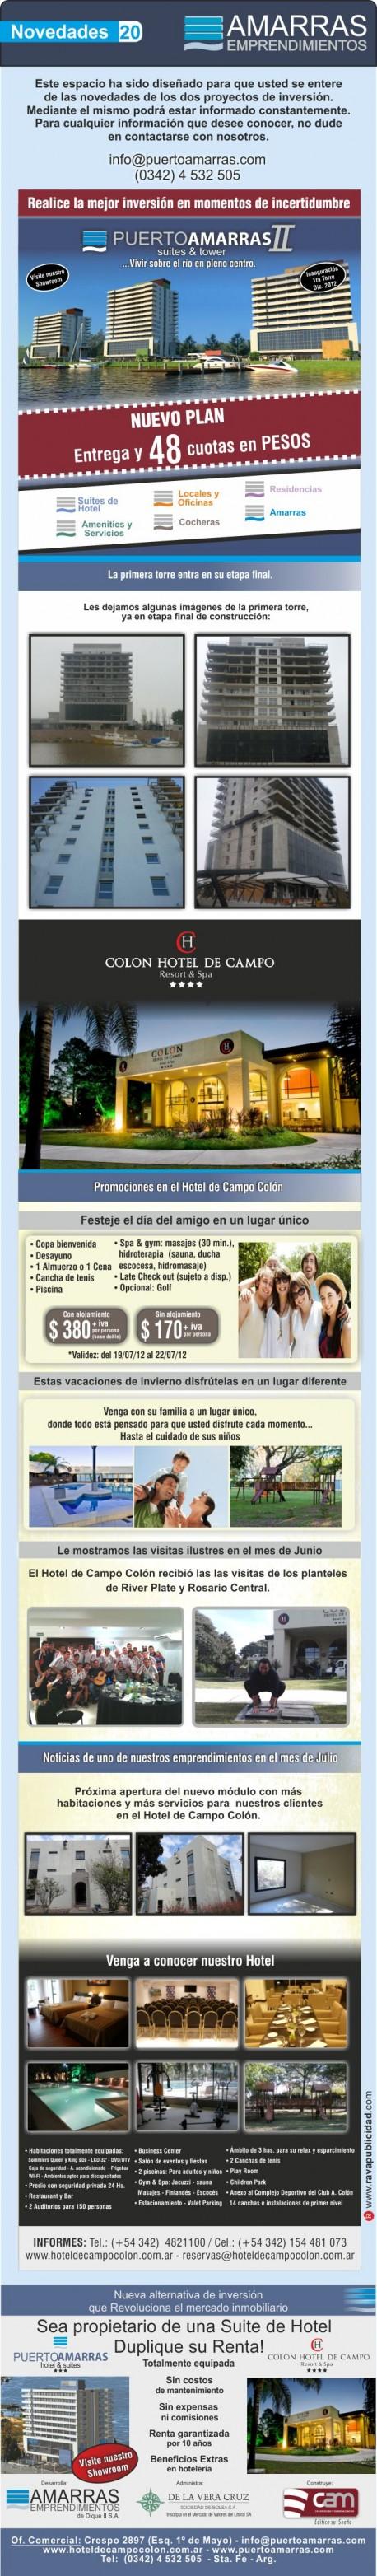 Novedades Amarras emprendimientos Julio 2012